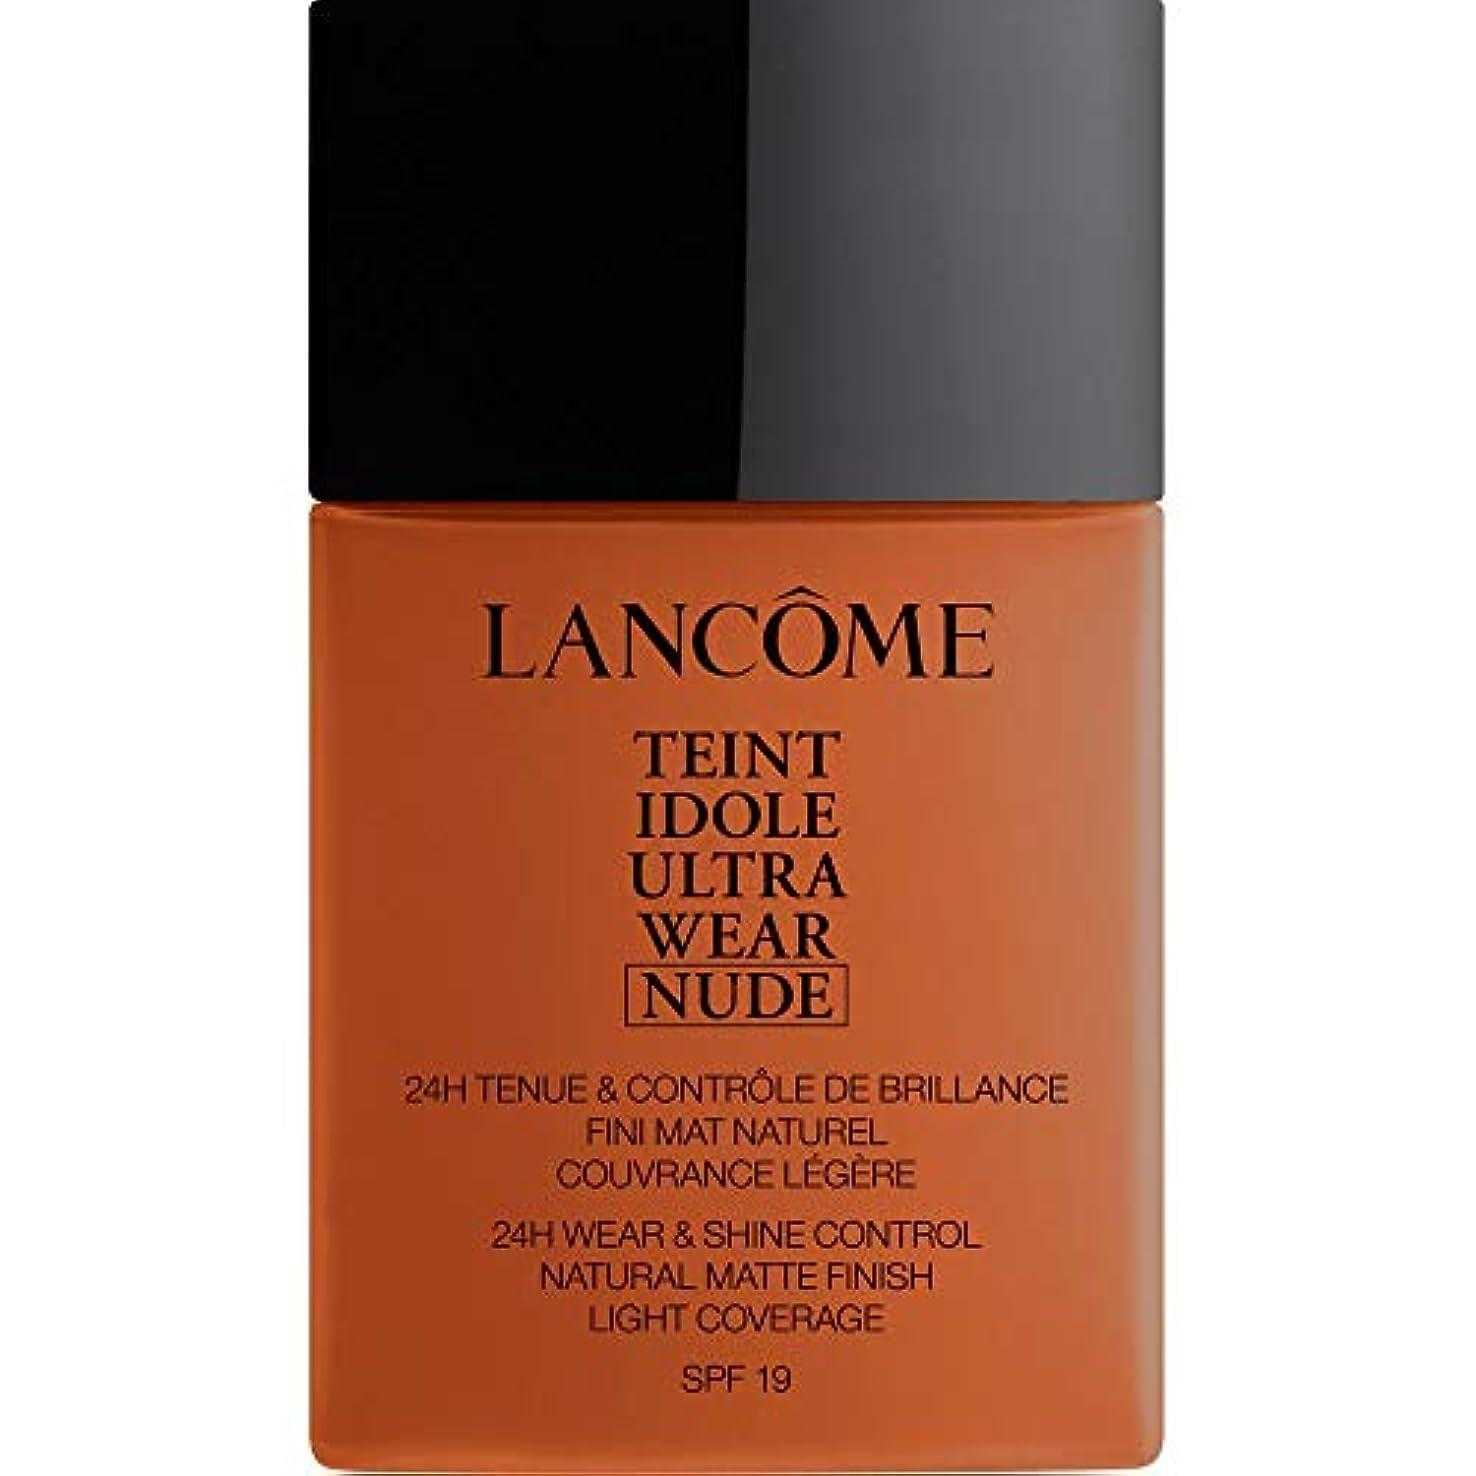 トランスペアレントマイコン弾性[Lanc?me ] ランコムTeintのIdole超摩耗ヌード財団Spf19の40ミリリットル13 - Sienne - Lancome Teint Idole Ultra Wear Nude Foundation SPF19 40ml 13 - Sienne [並行輸入品]